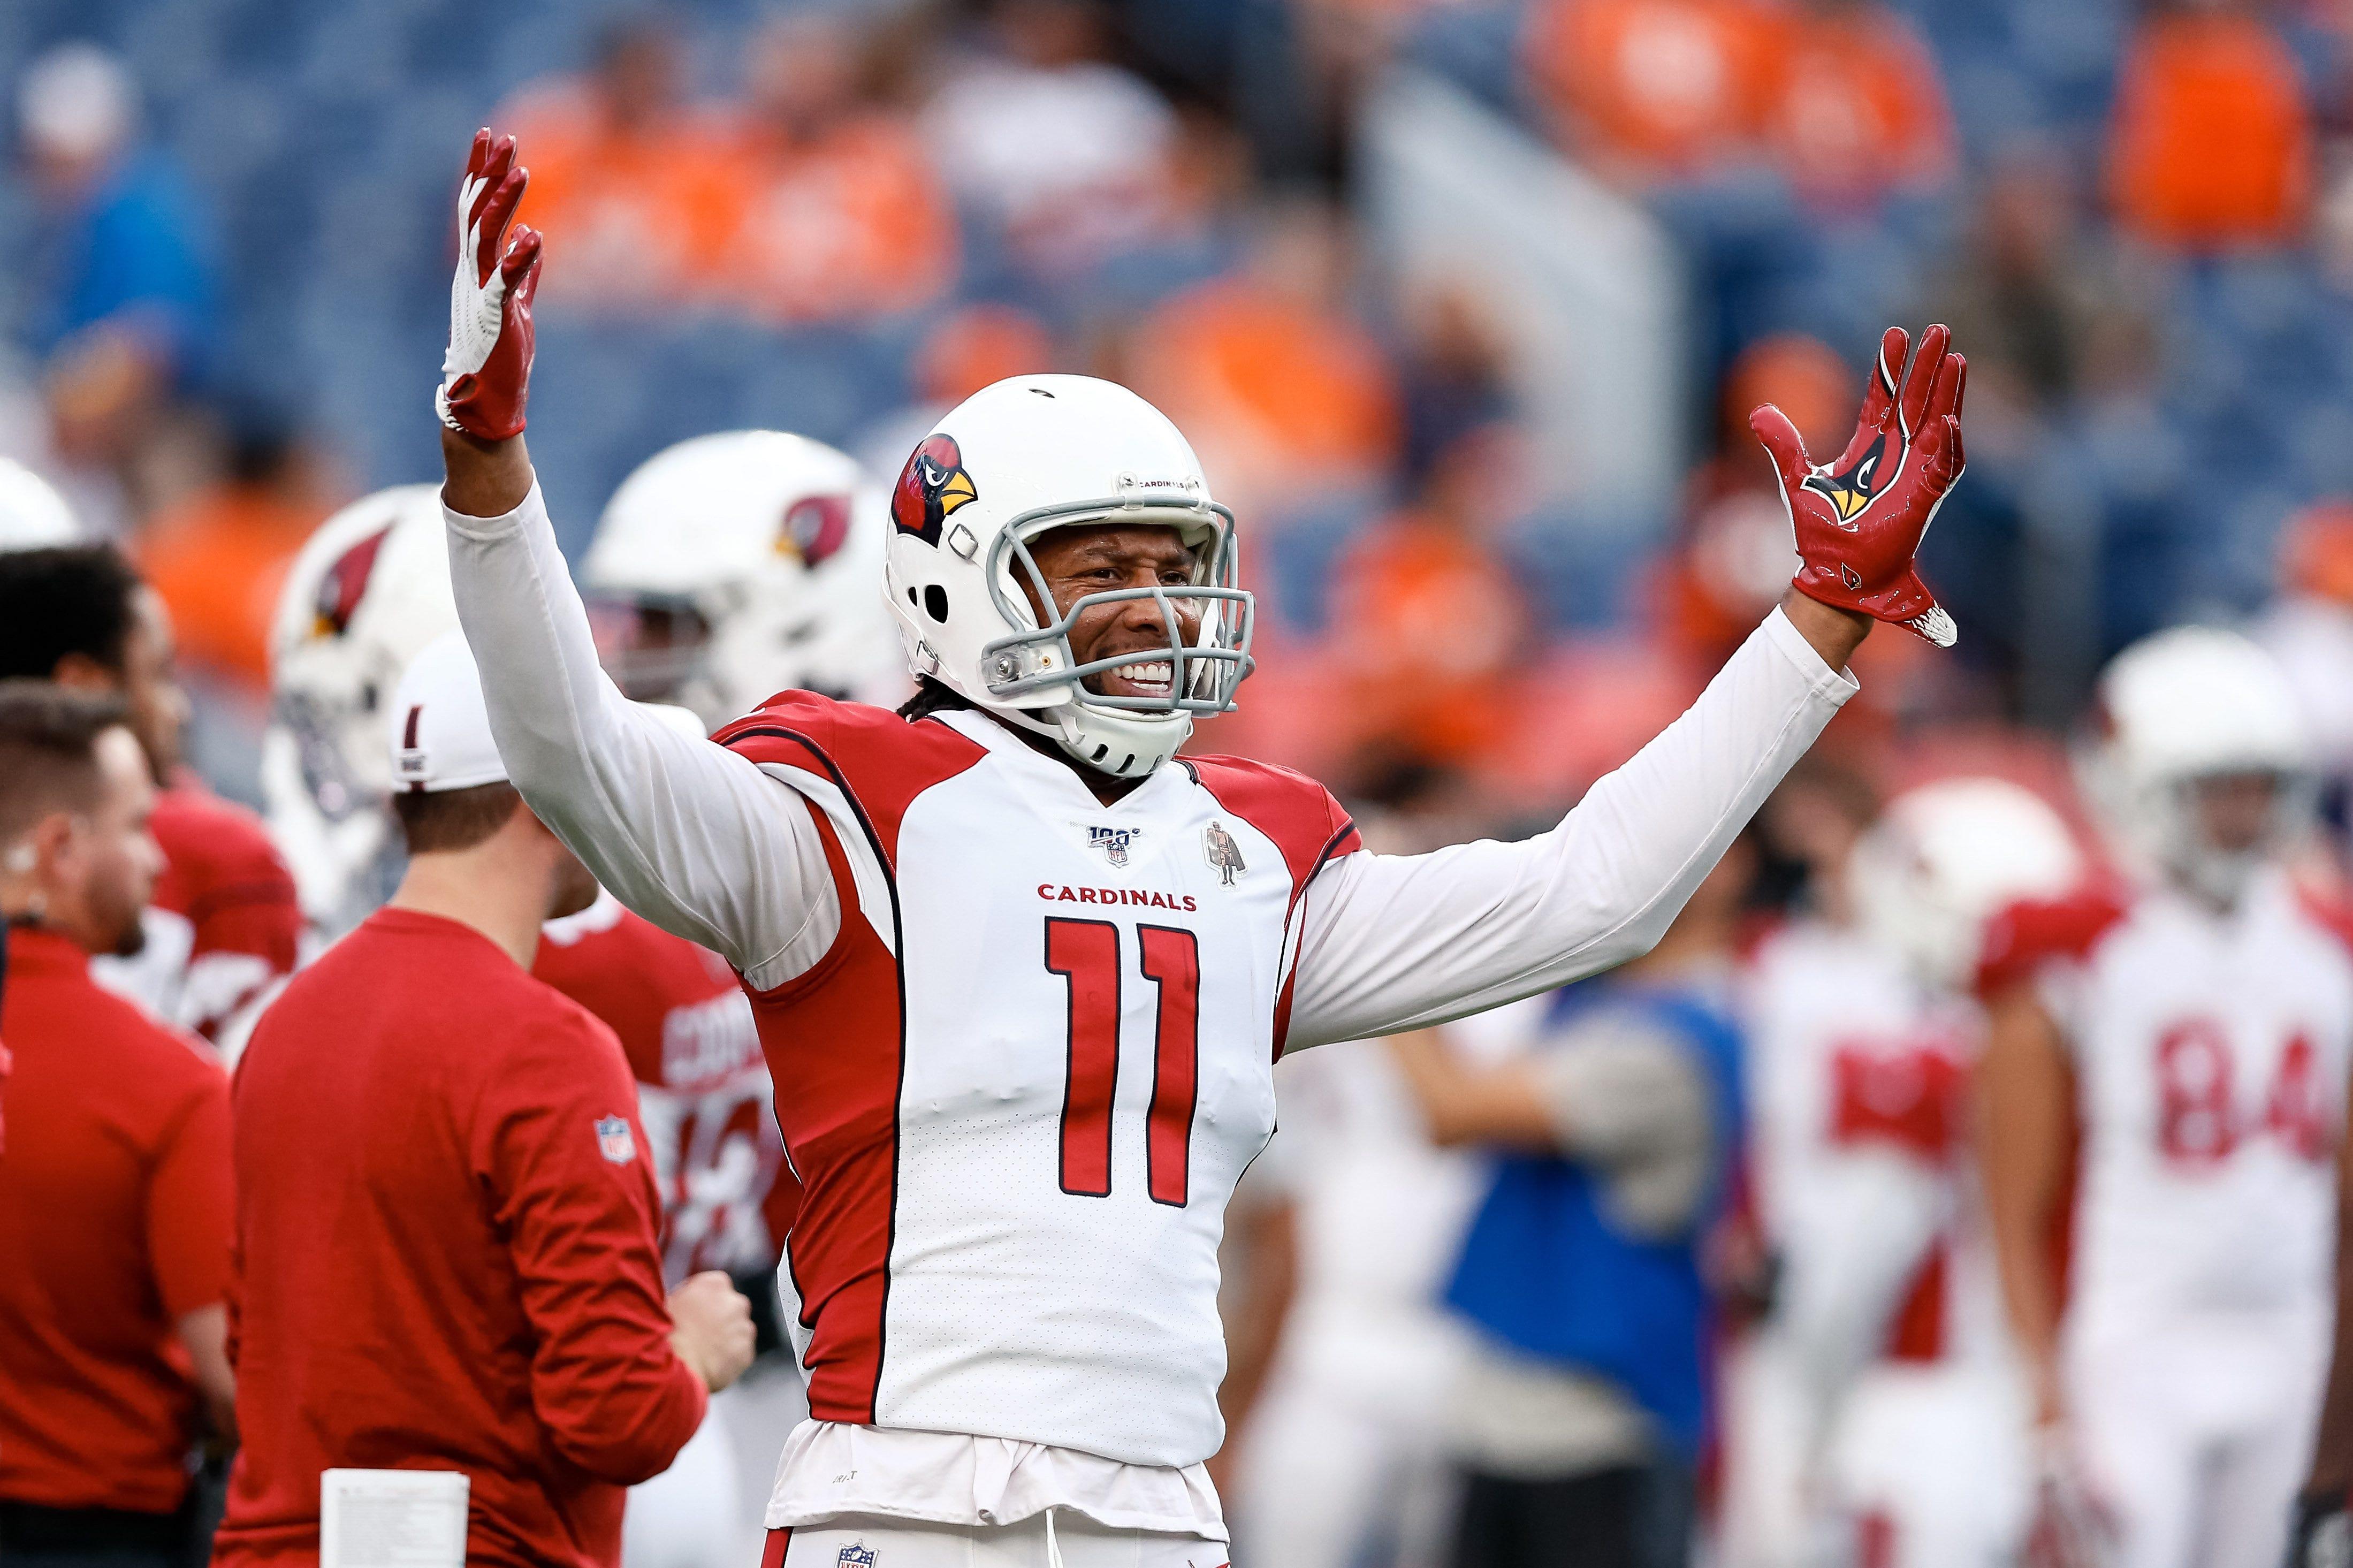 Arizona Cardinals have worst uniforms